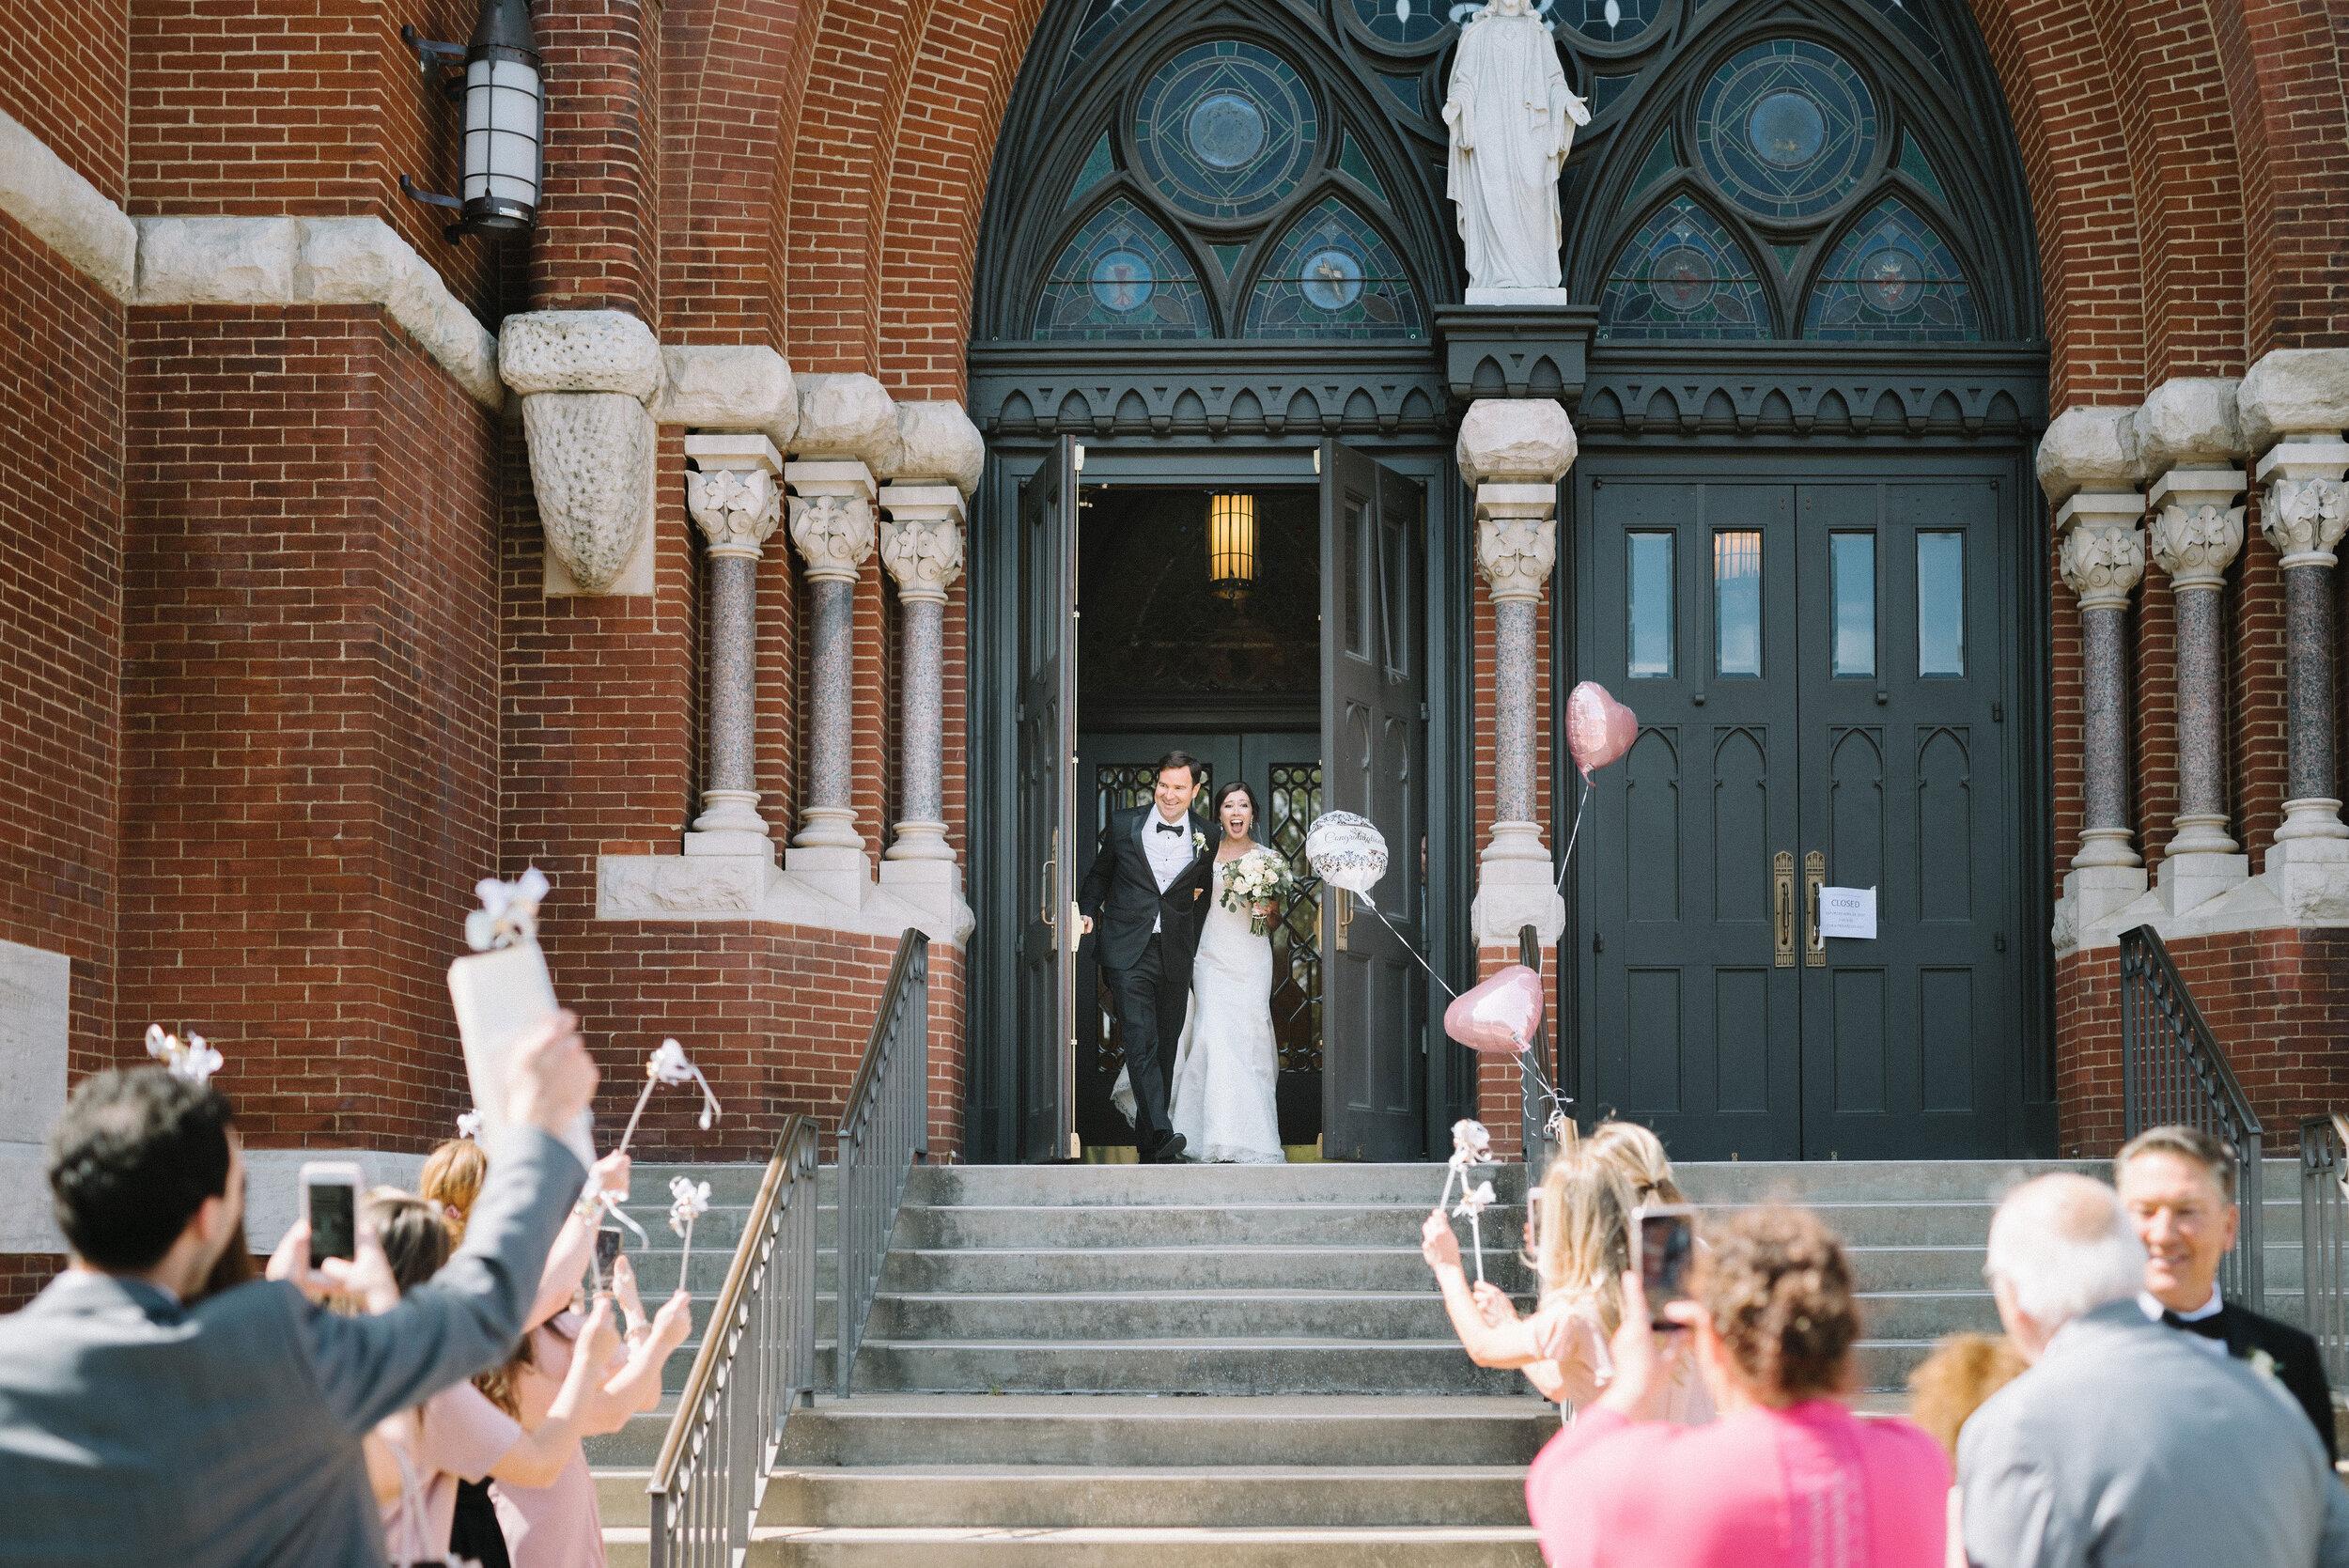 摄影师:2008年的视频,乔弗里·埃珀·埃弗里·埃弗里的婚礼上,在欧洲的酒店